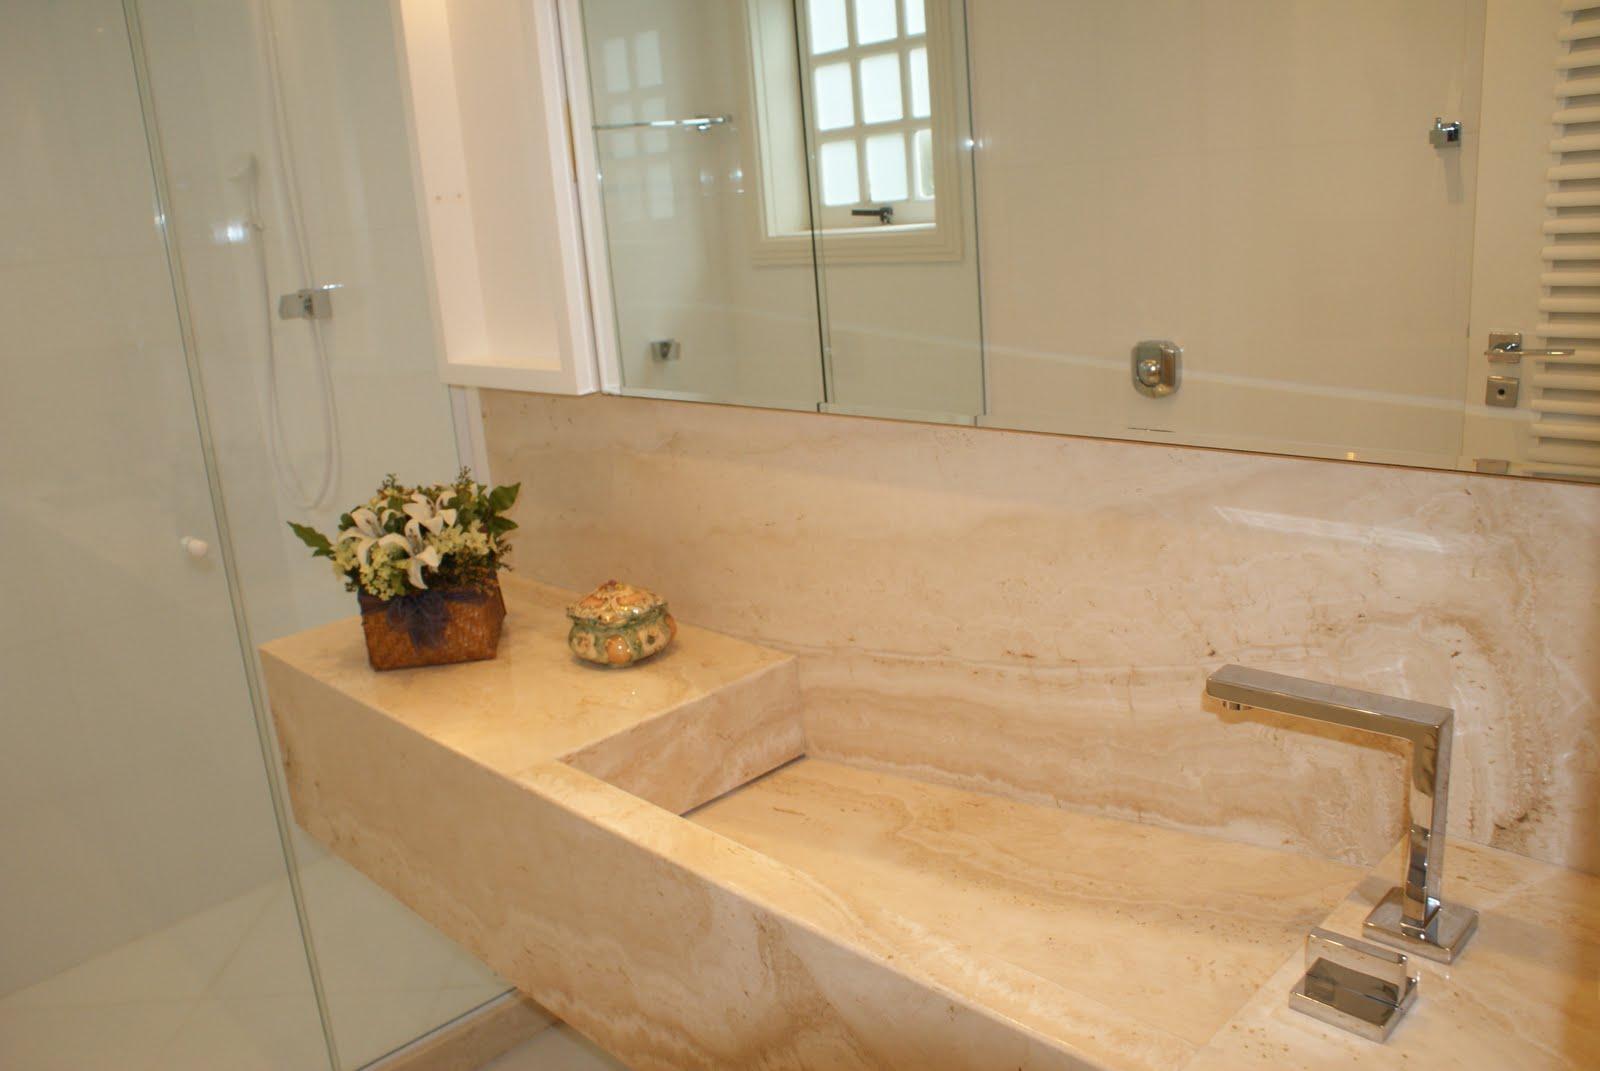 STANYS Arquitetura, Interiores e design Novembro 2010 -> Banheiro Decorado Bege